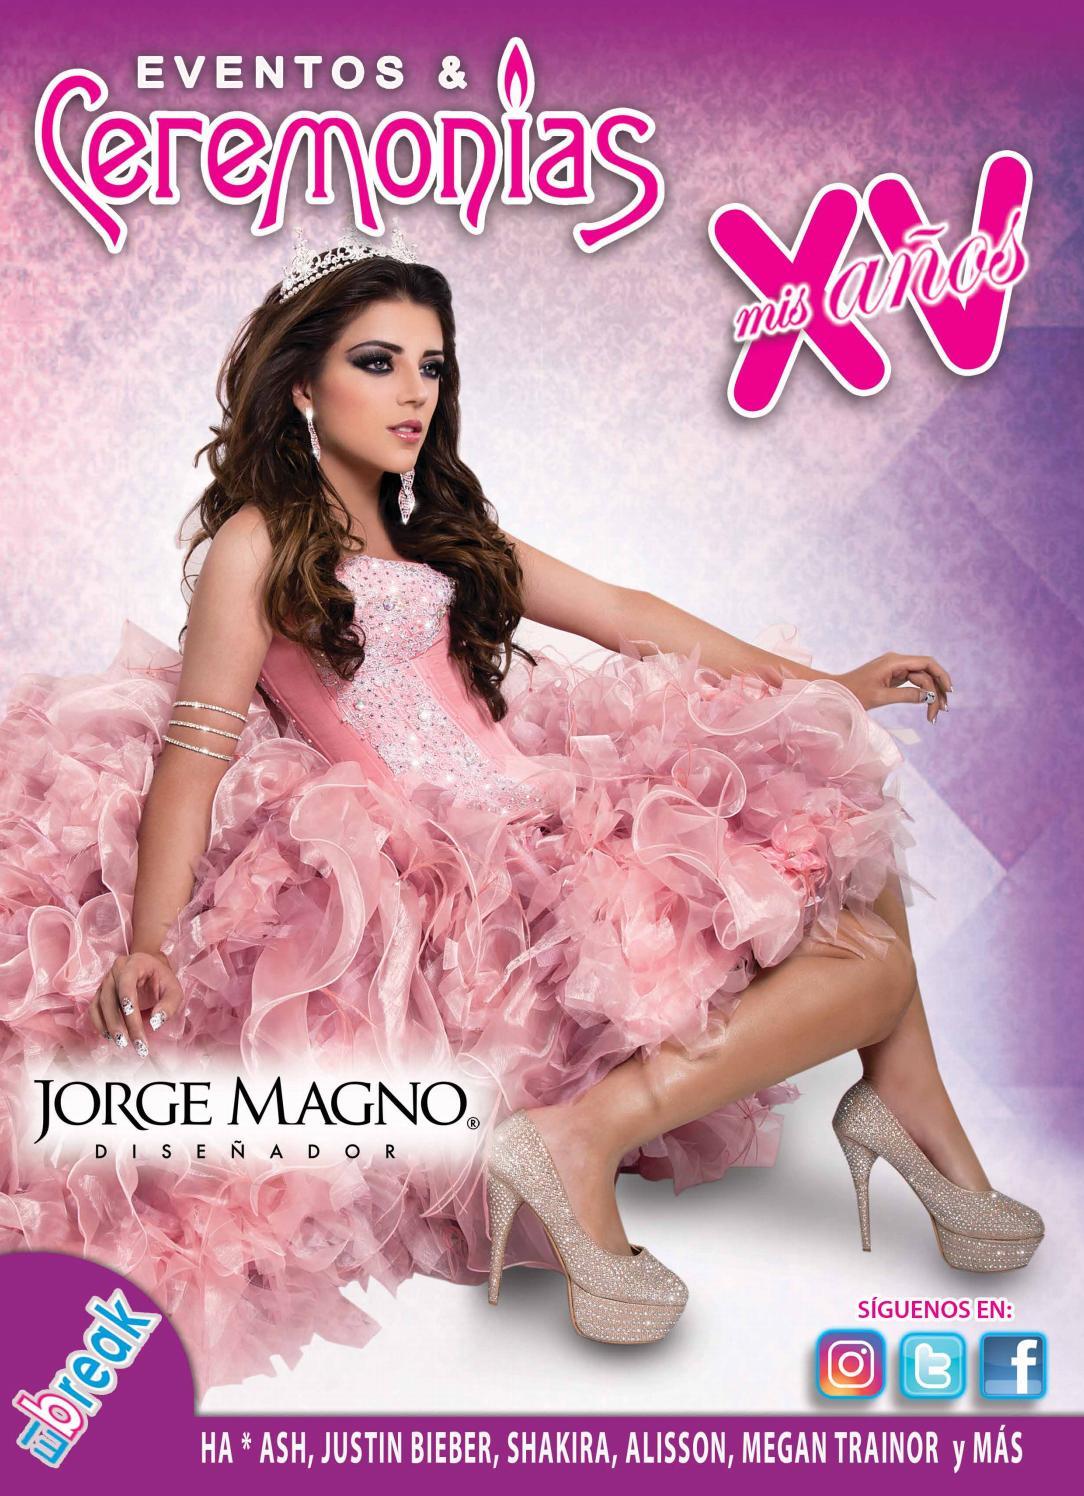 Revista Eventos y Ceremonias No. 102 by ricardo morales - issuu